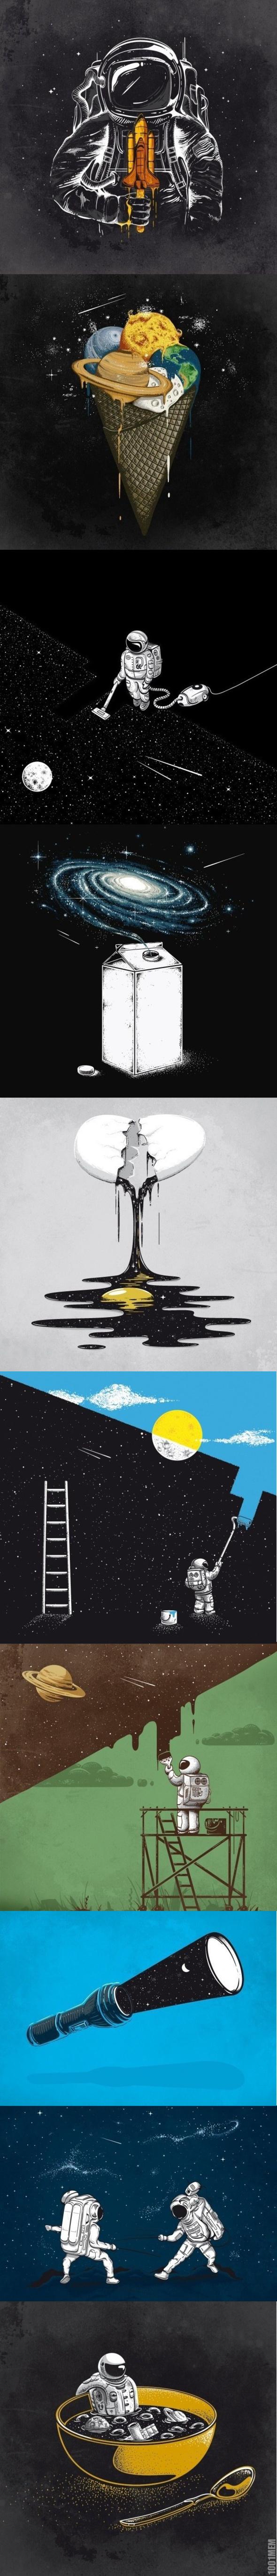 Космический сюрреализм